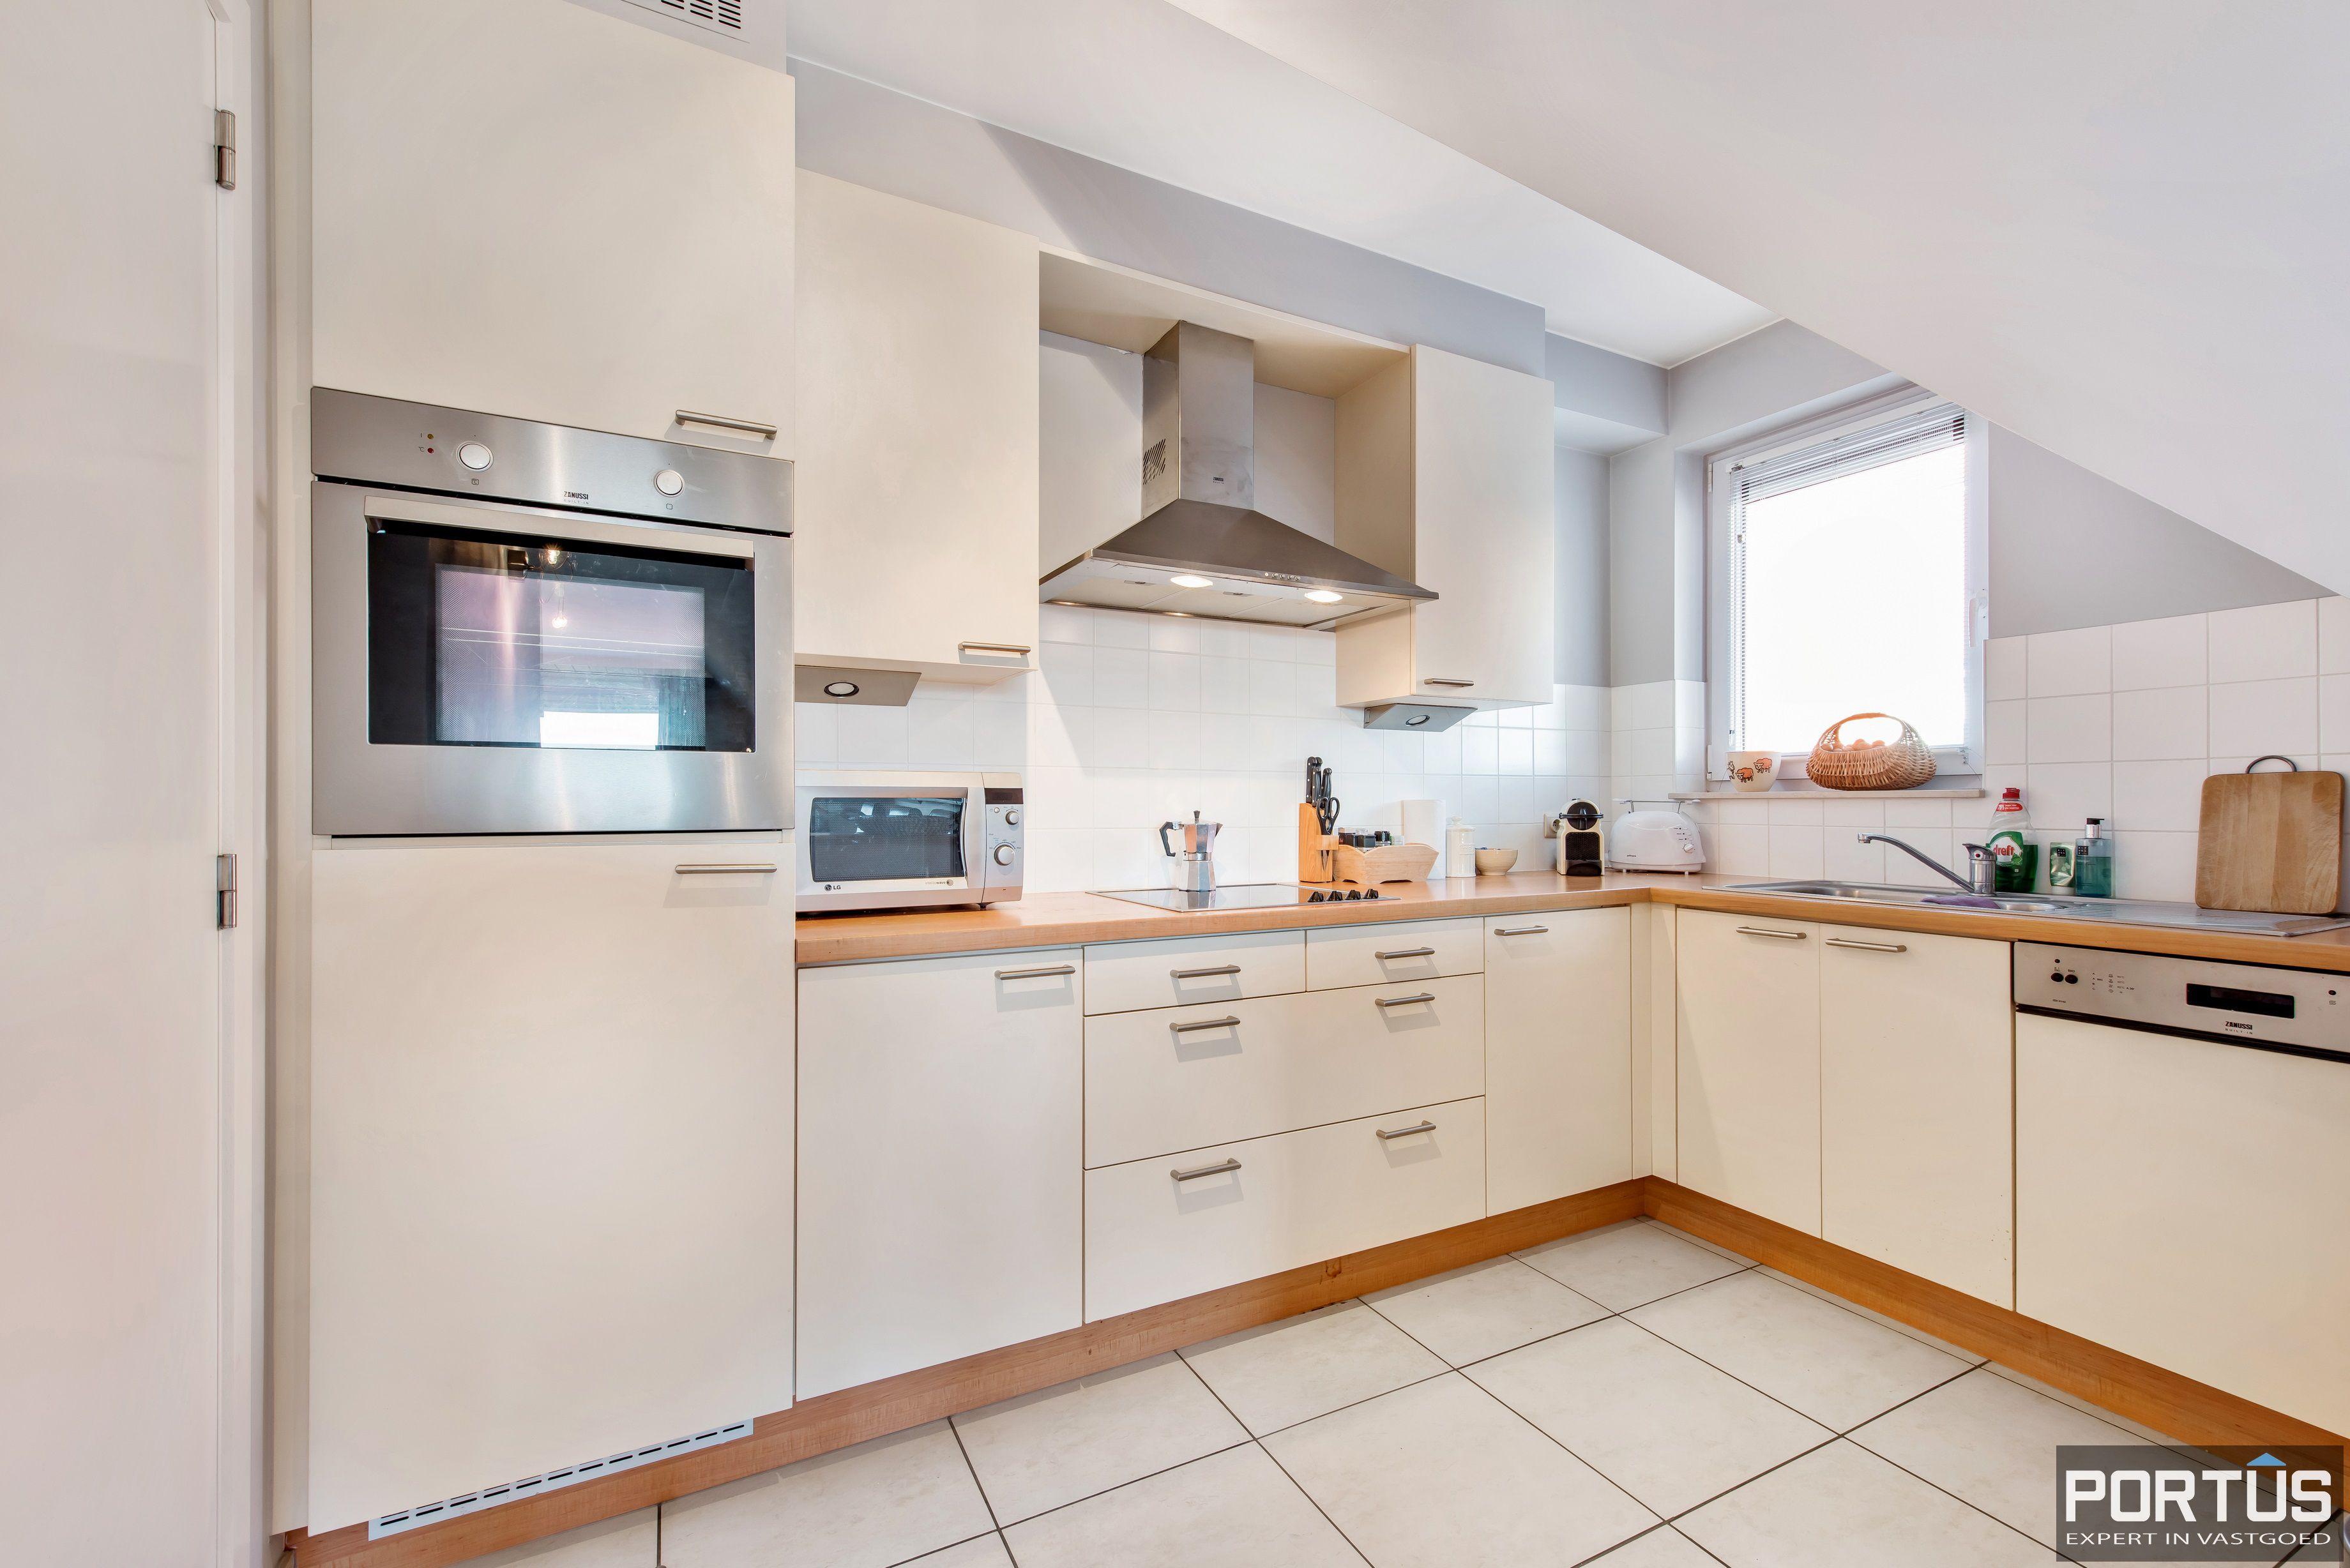 Instapklare duplex met 2 slaapkamers te koop te Nieuwpoort - 11635